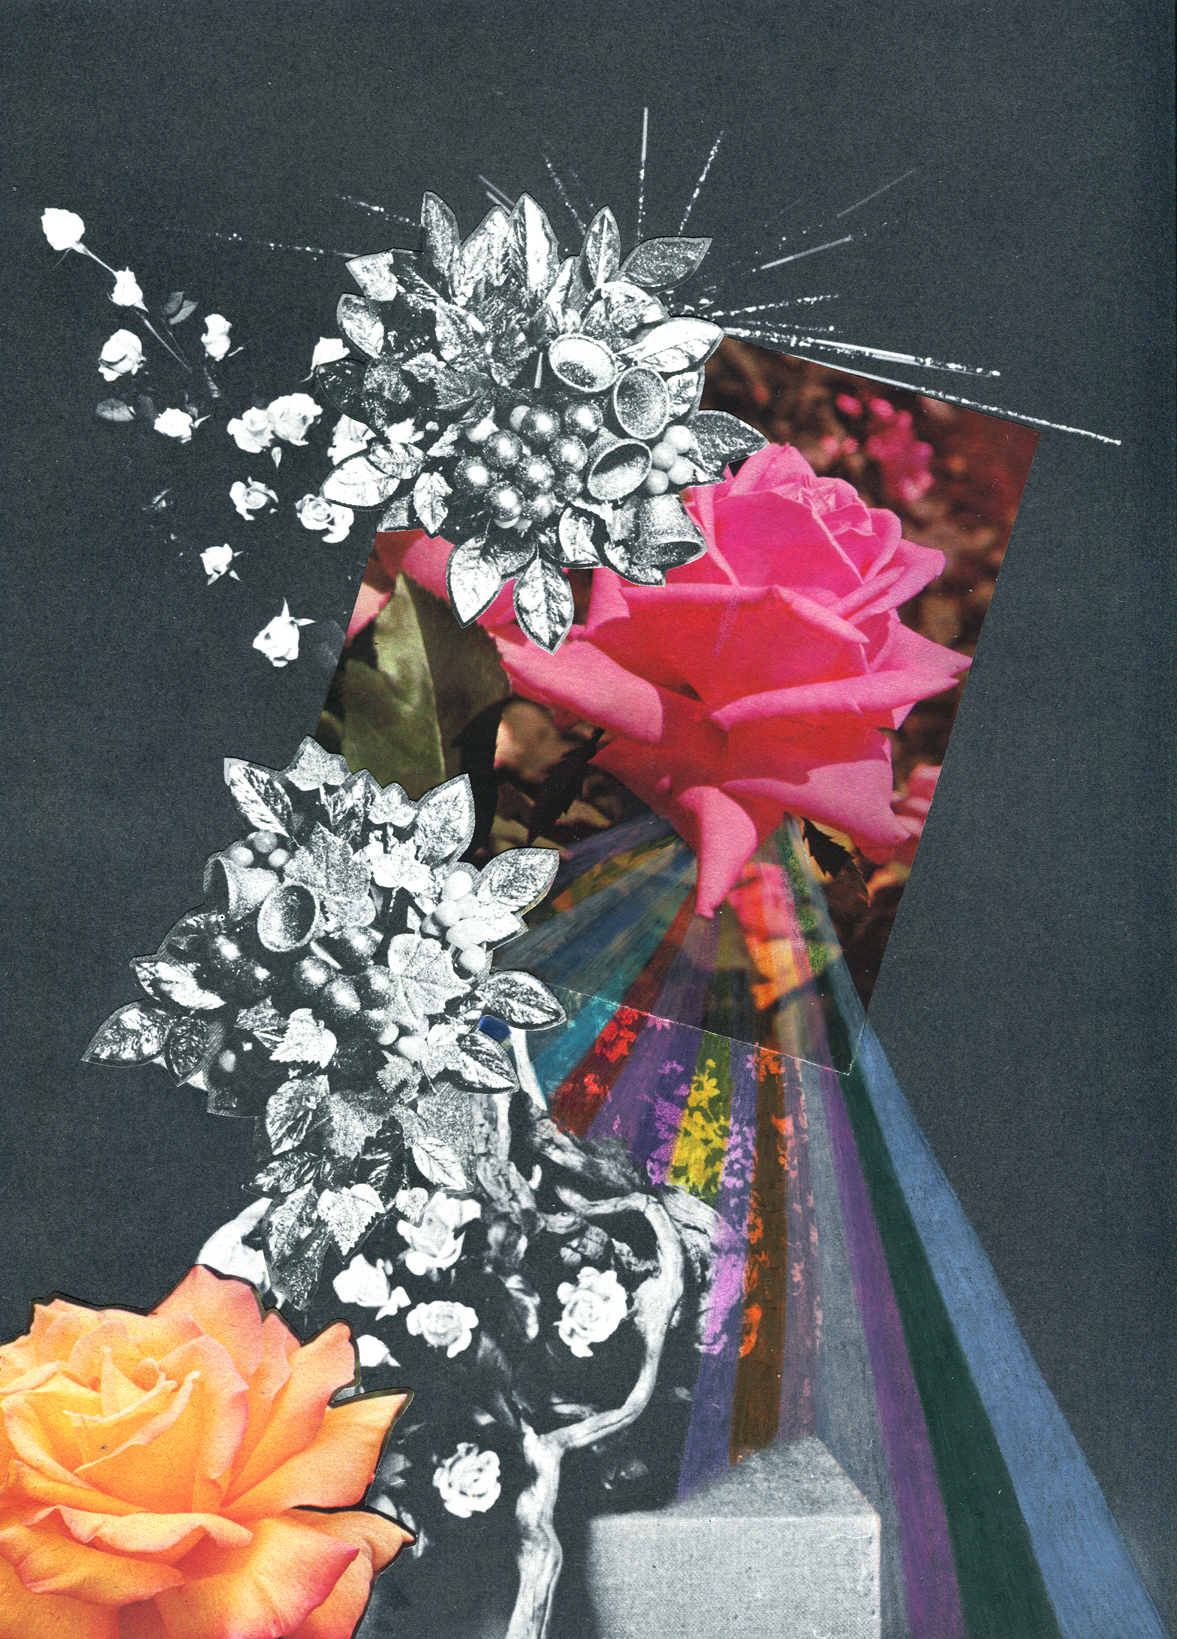 Rainbow Rose Garden #6, collage, found paper, pencil